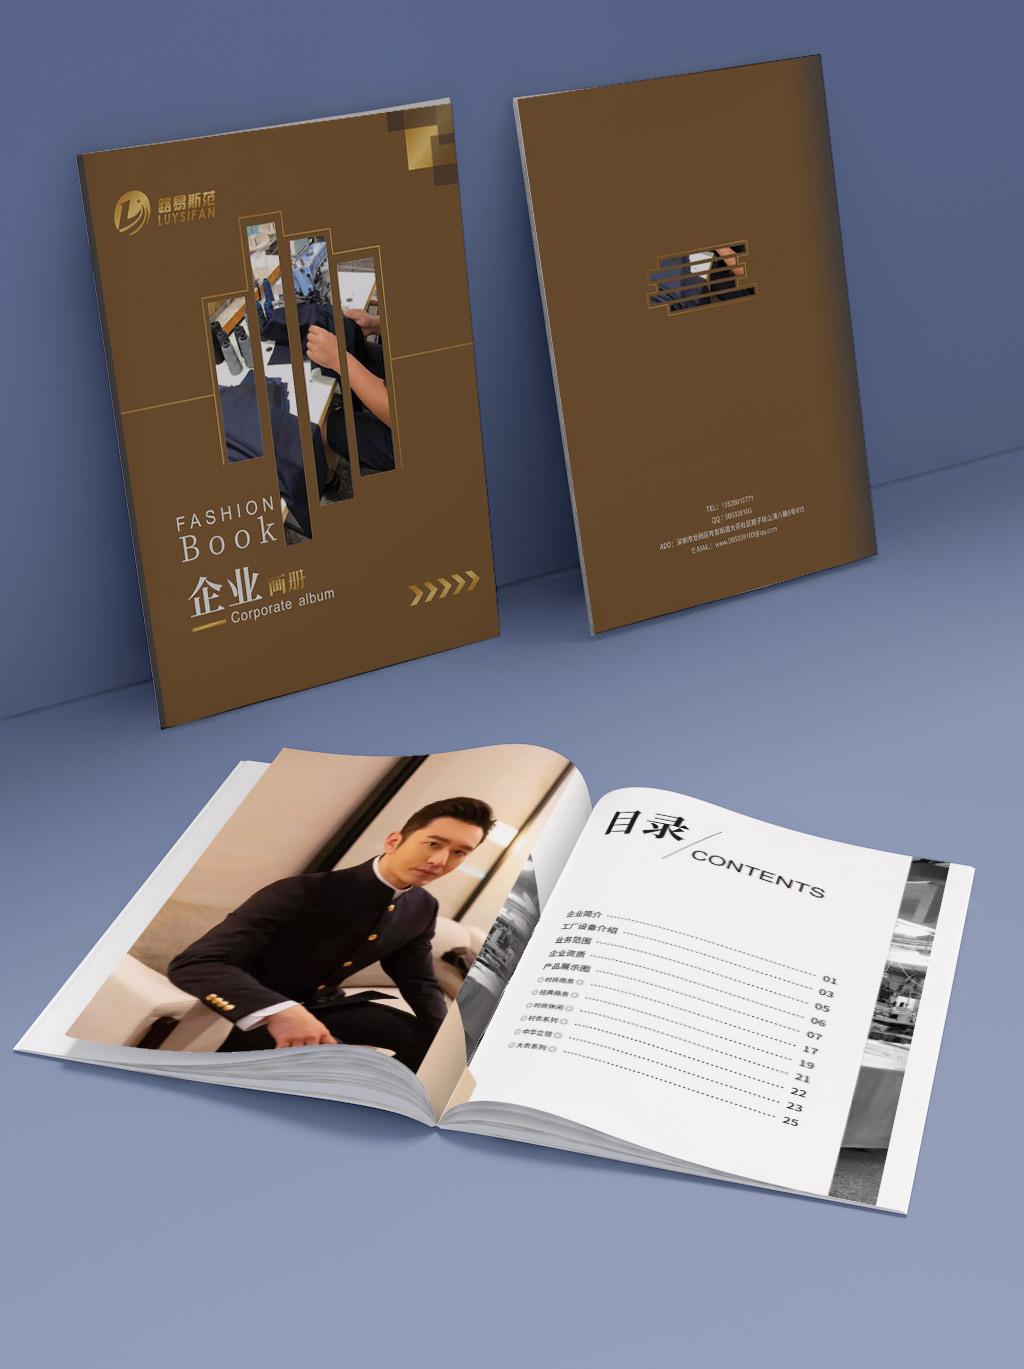 深圳路易斯范服装有限公司宣传画册